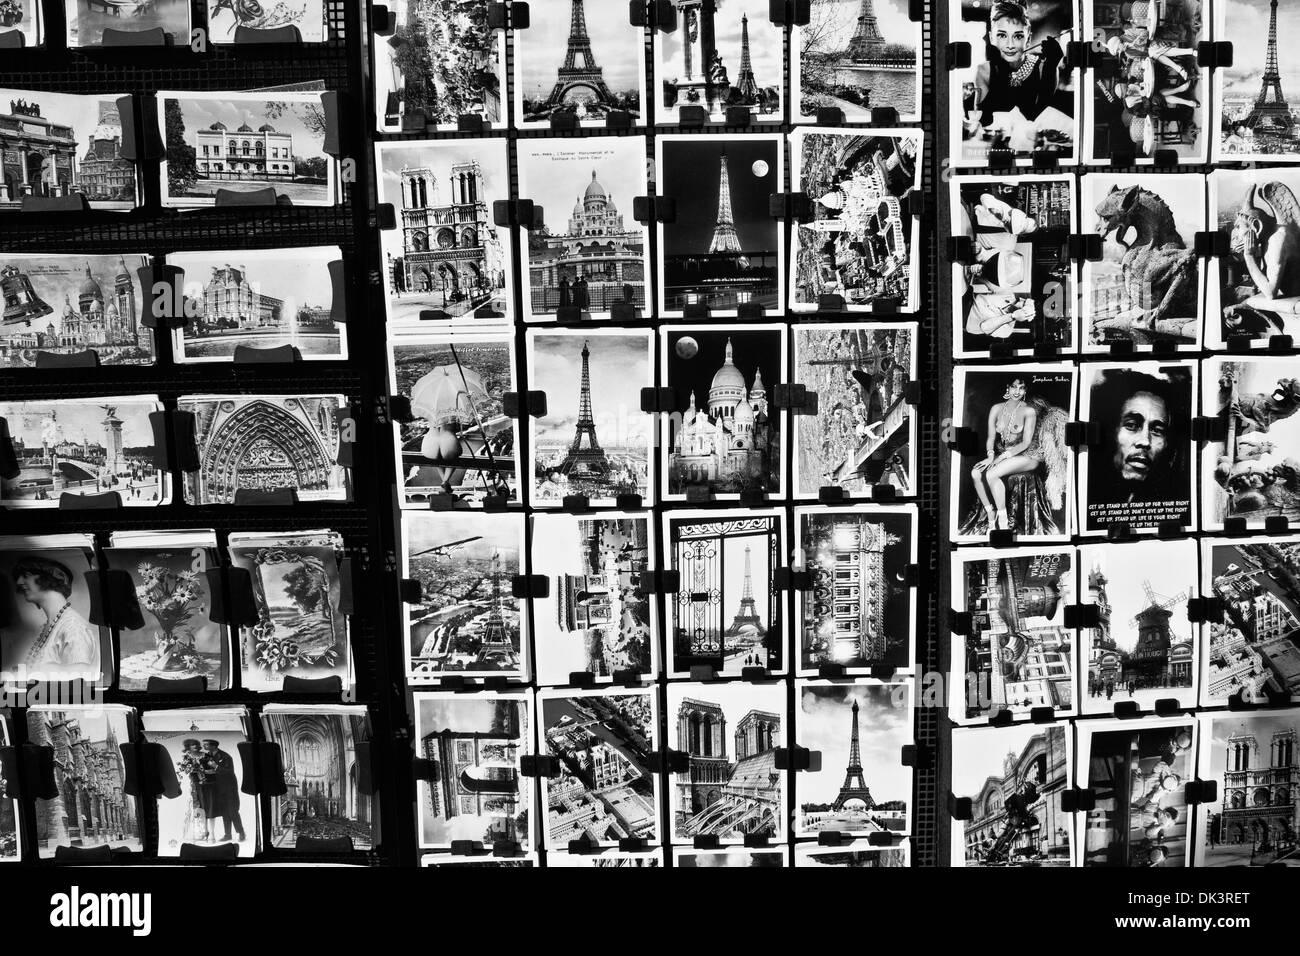 Postcards from Paris - A Postcard Display Outside of a Paris Souvenir Shop - Stock Image